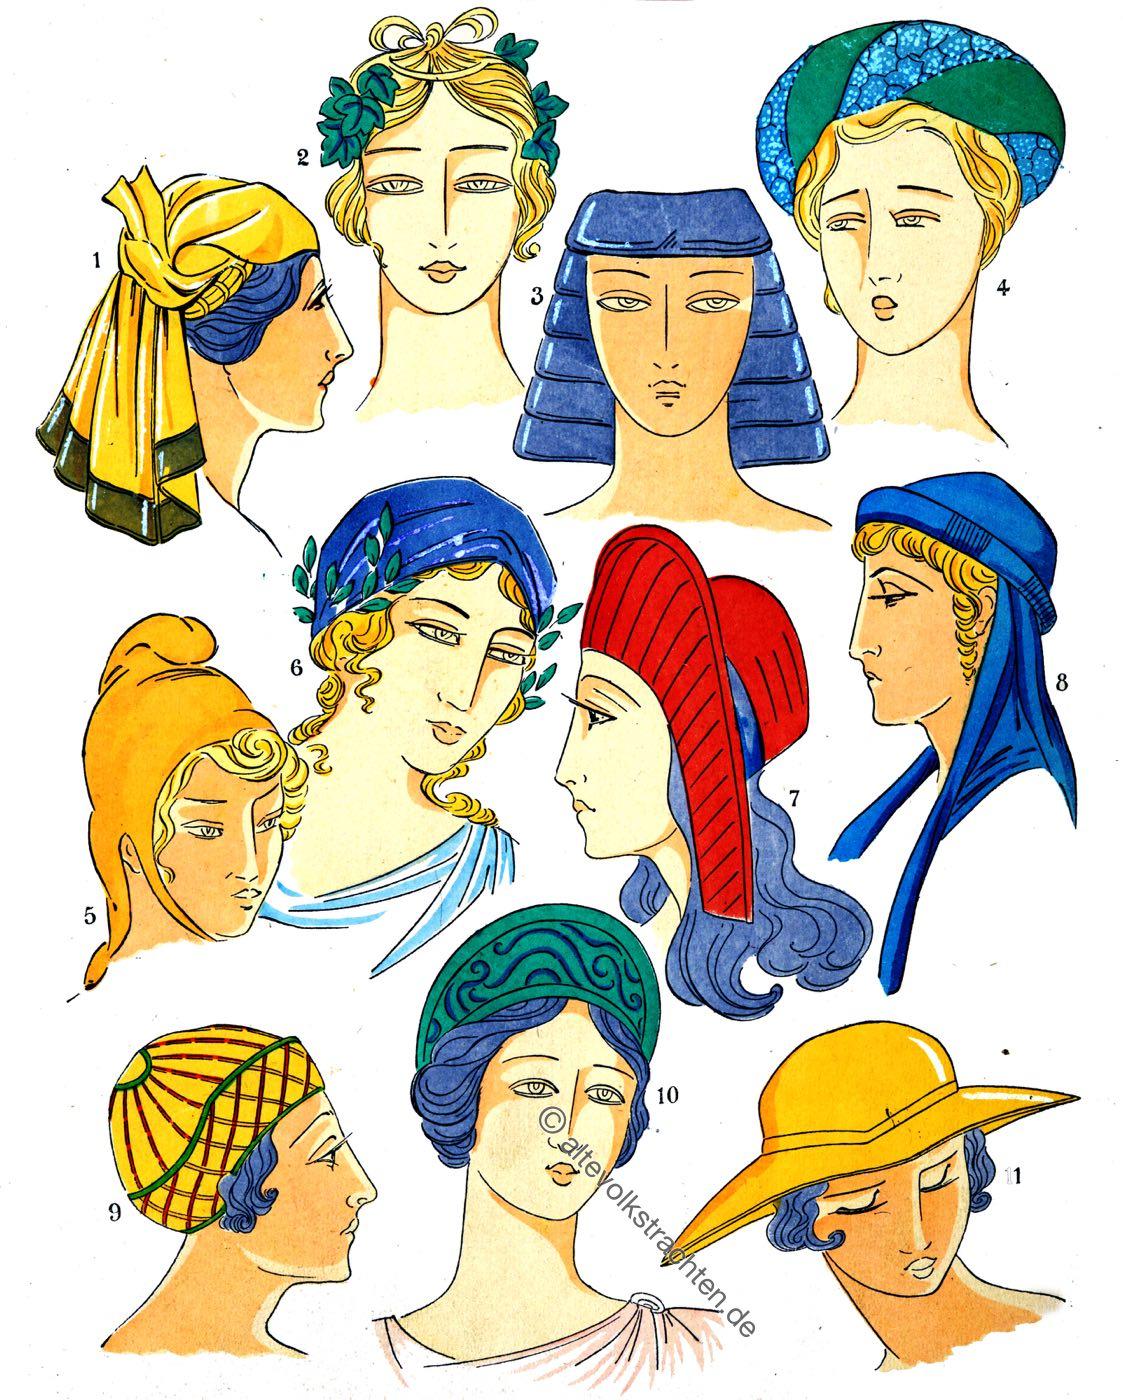 Antike, Griechenland, Frisuren, Mode, Kostümgeschichte